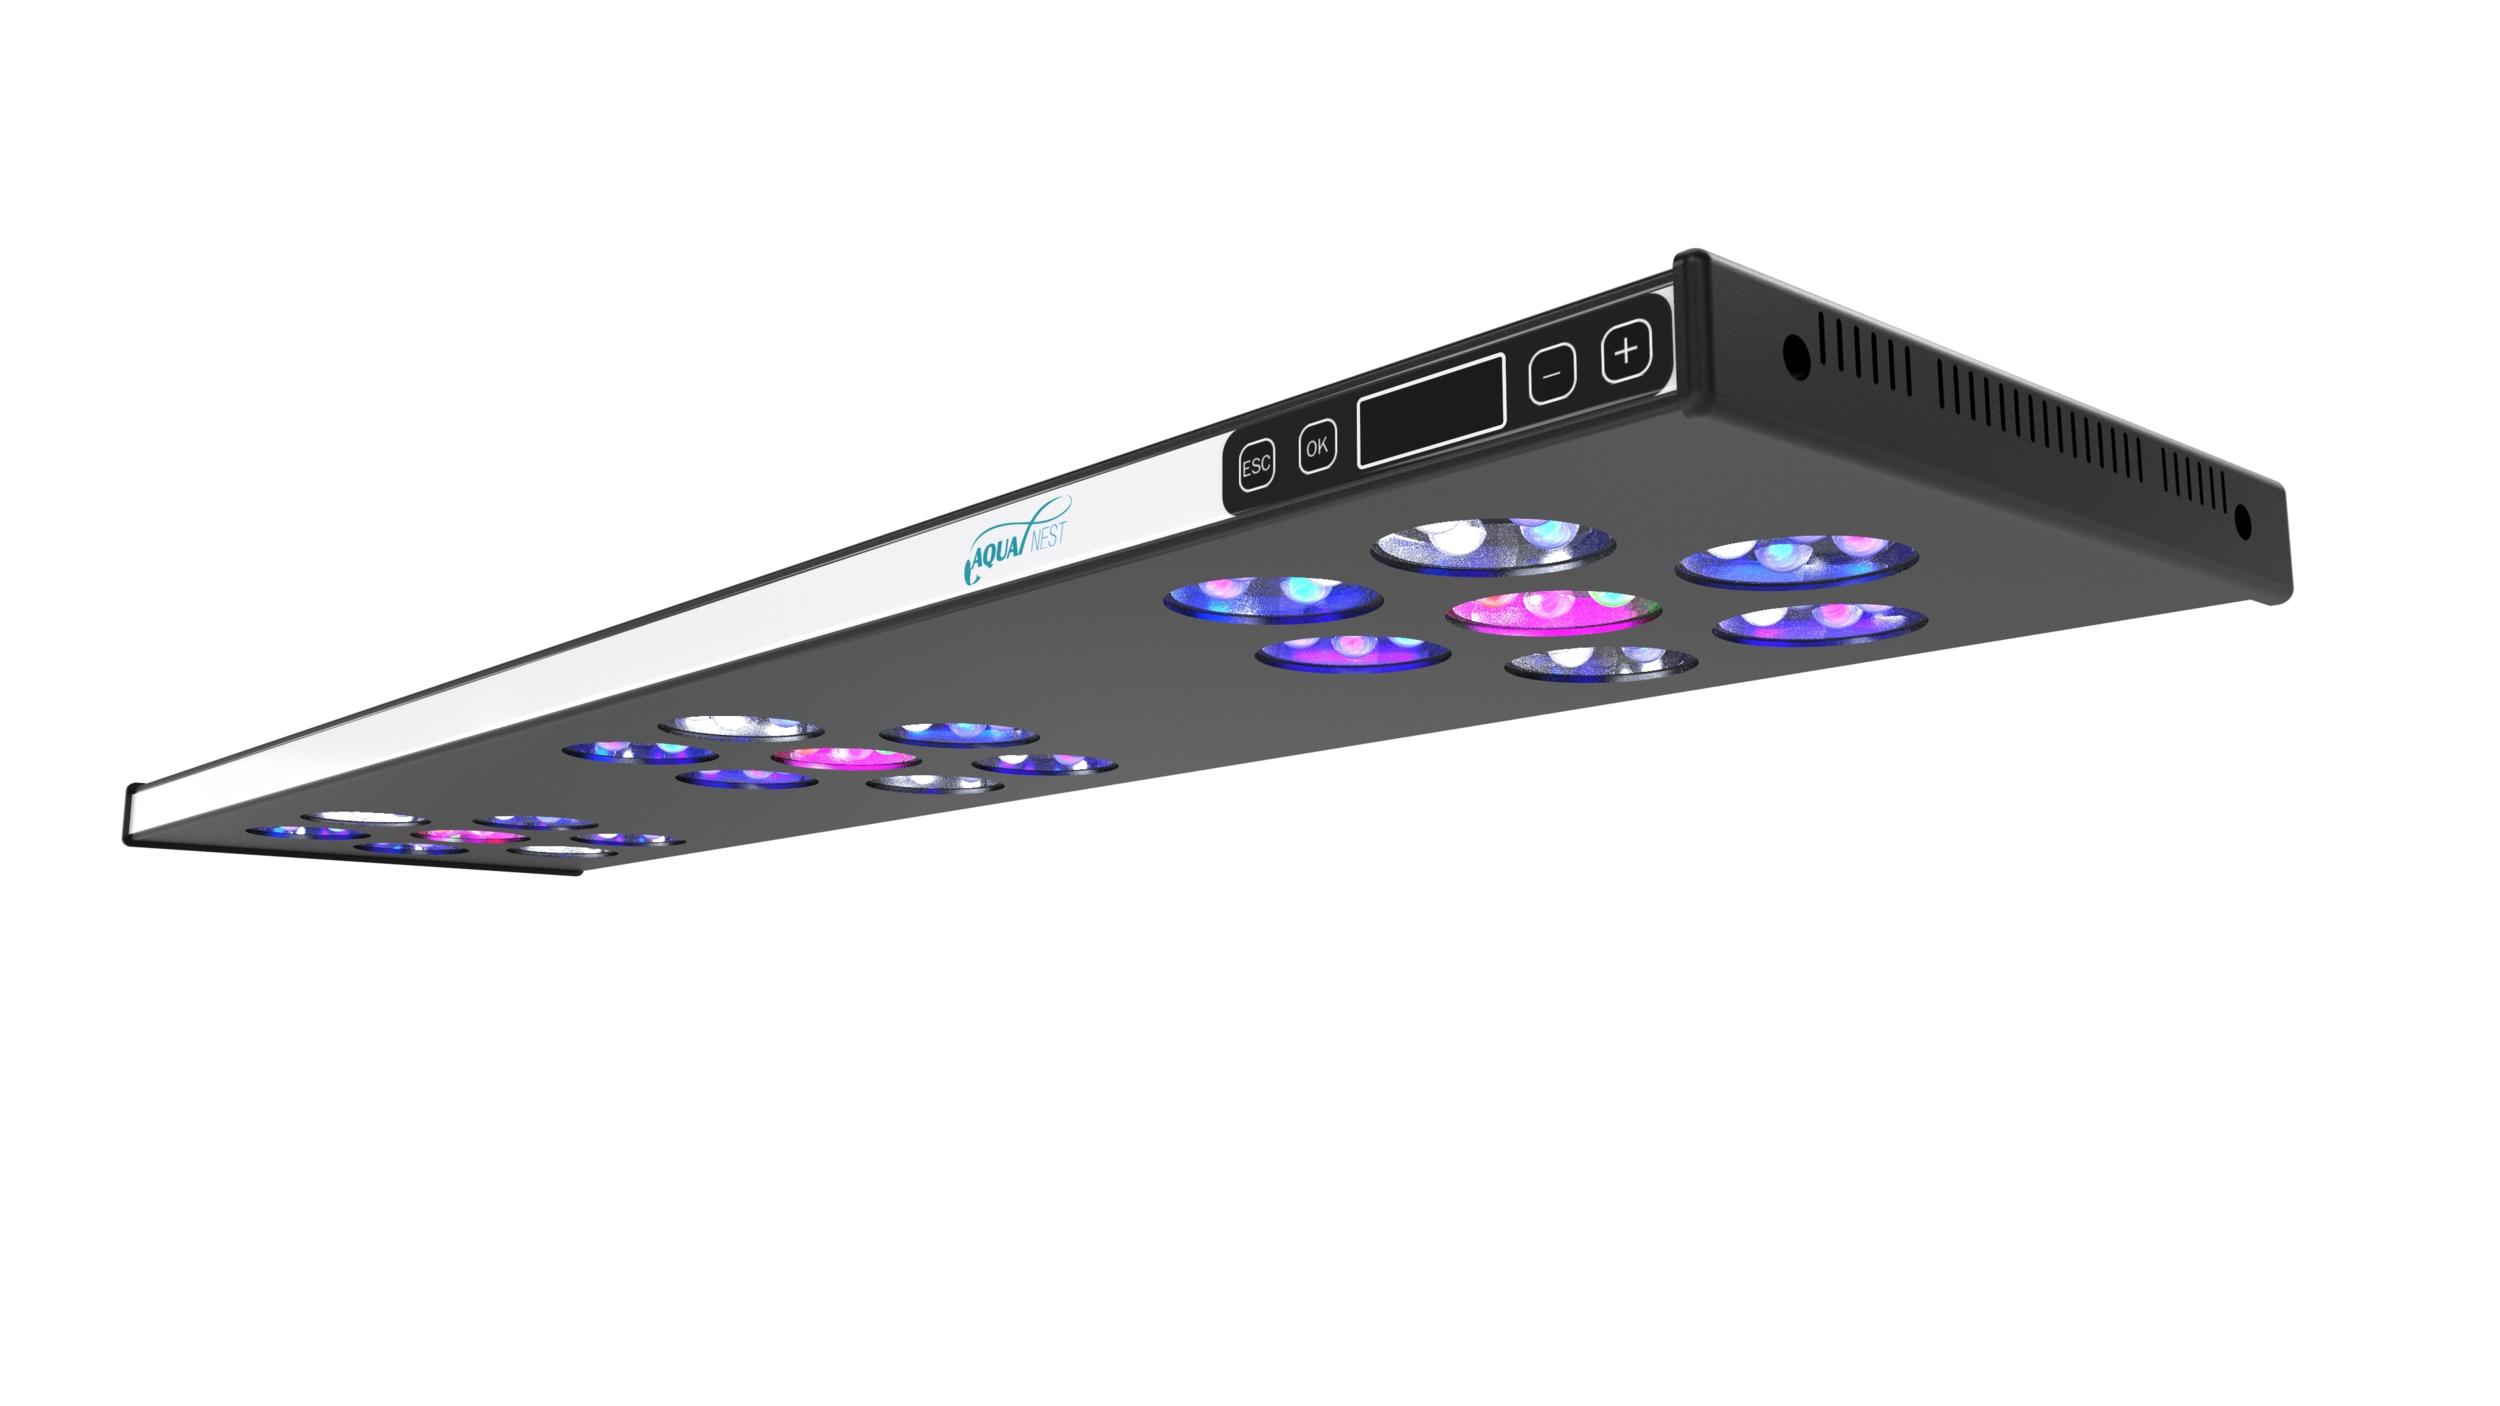 ASAQUA Max 90 V2 rampe à LEDs haute puissance pour aquariums d'eau douce et d'eau de mer